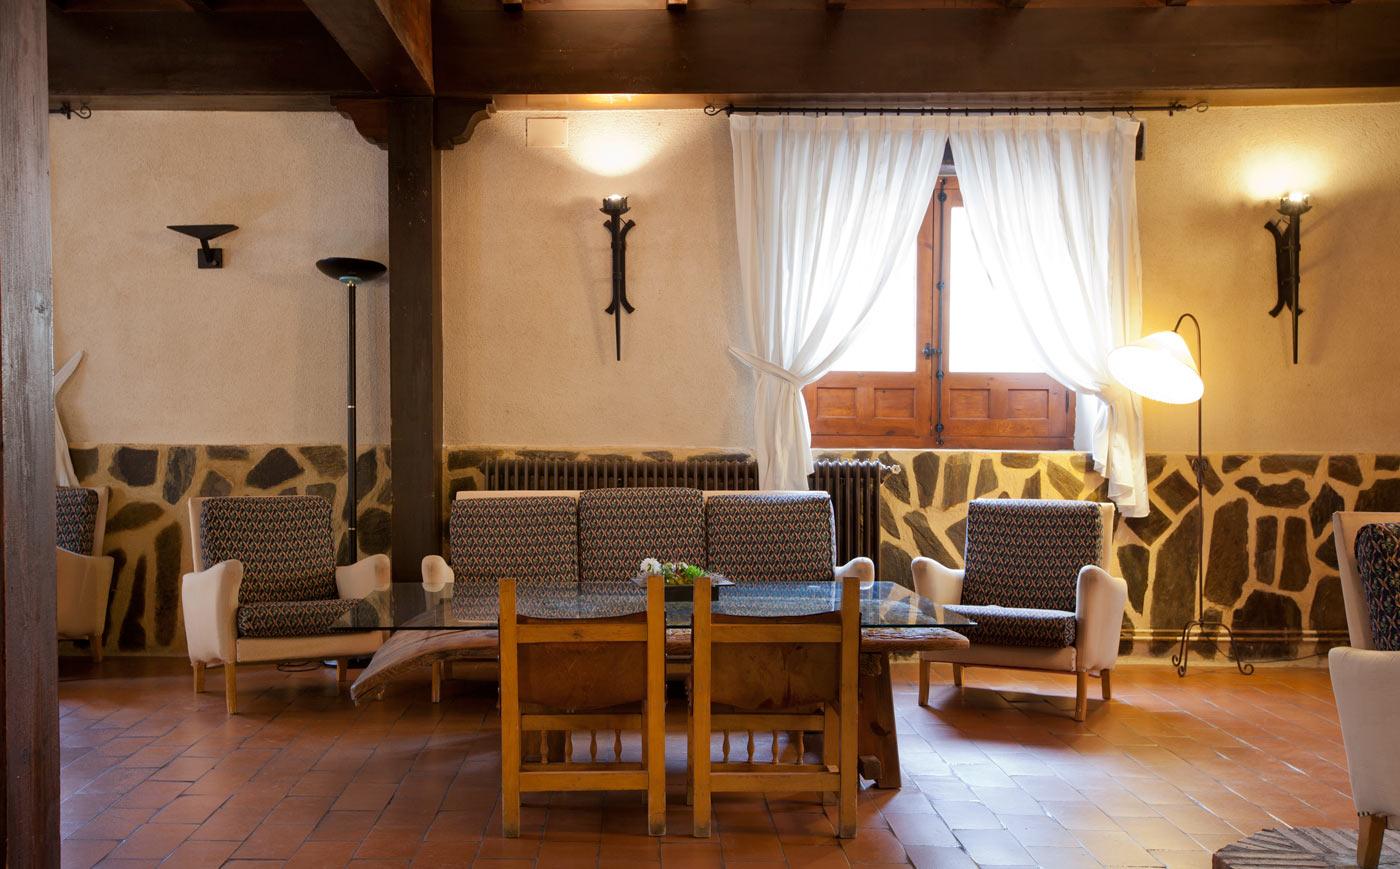 Galeria De Fotos De Sala De Estar ~ Fotos del Hotel Cueva del Fraile, Cuenca  Web Oficial